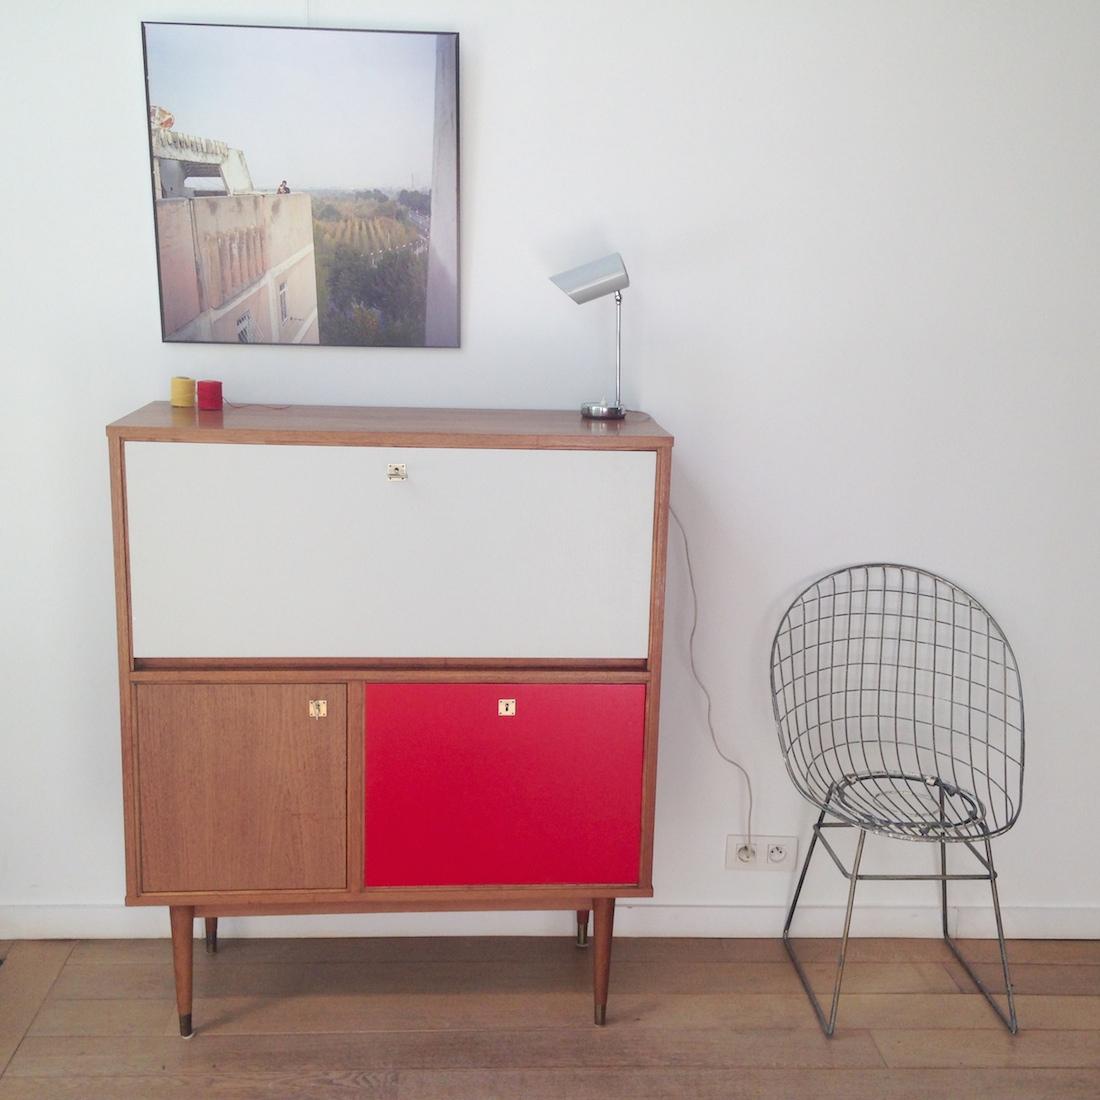 secr taire en teck la maison bruxelloise. Black Bedroom Furniture Sets. Home Design Ideas